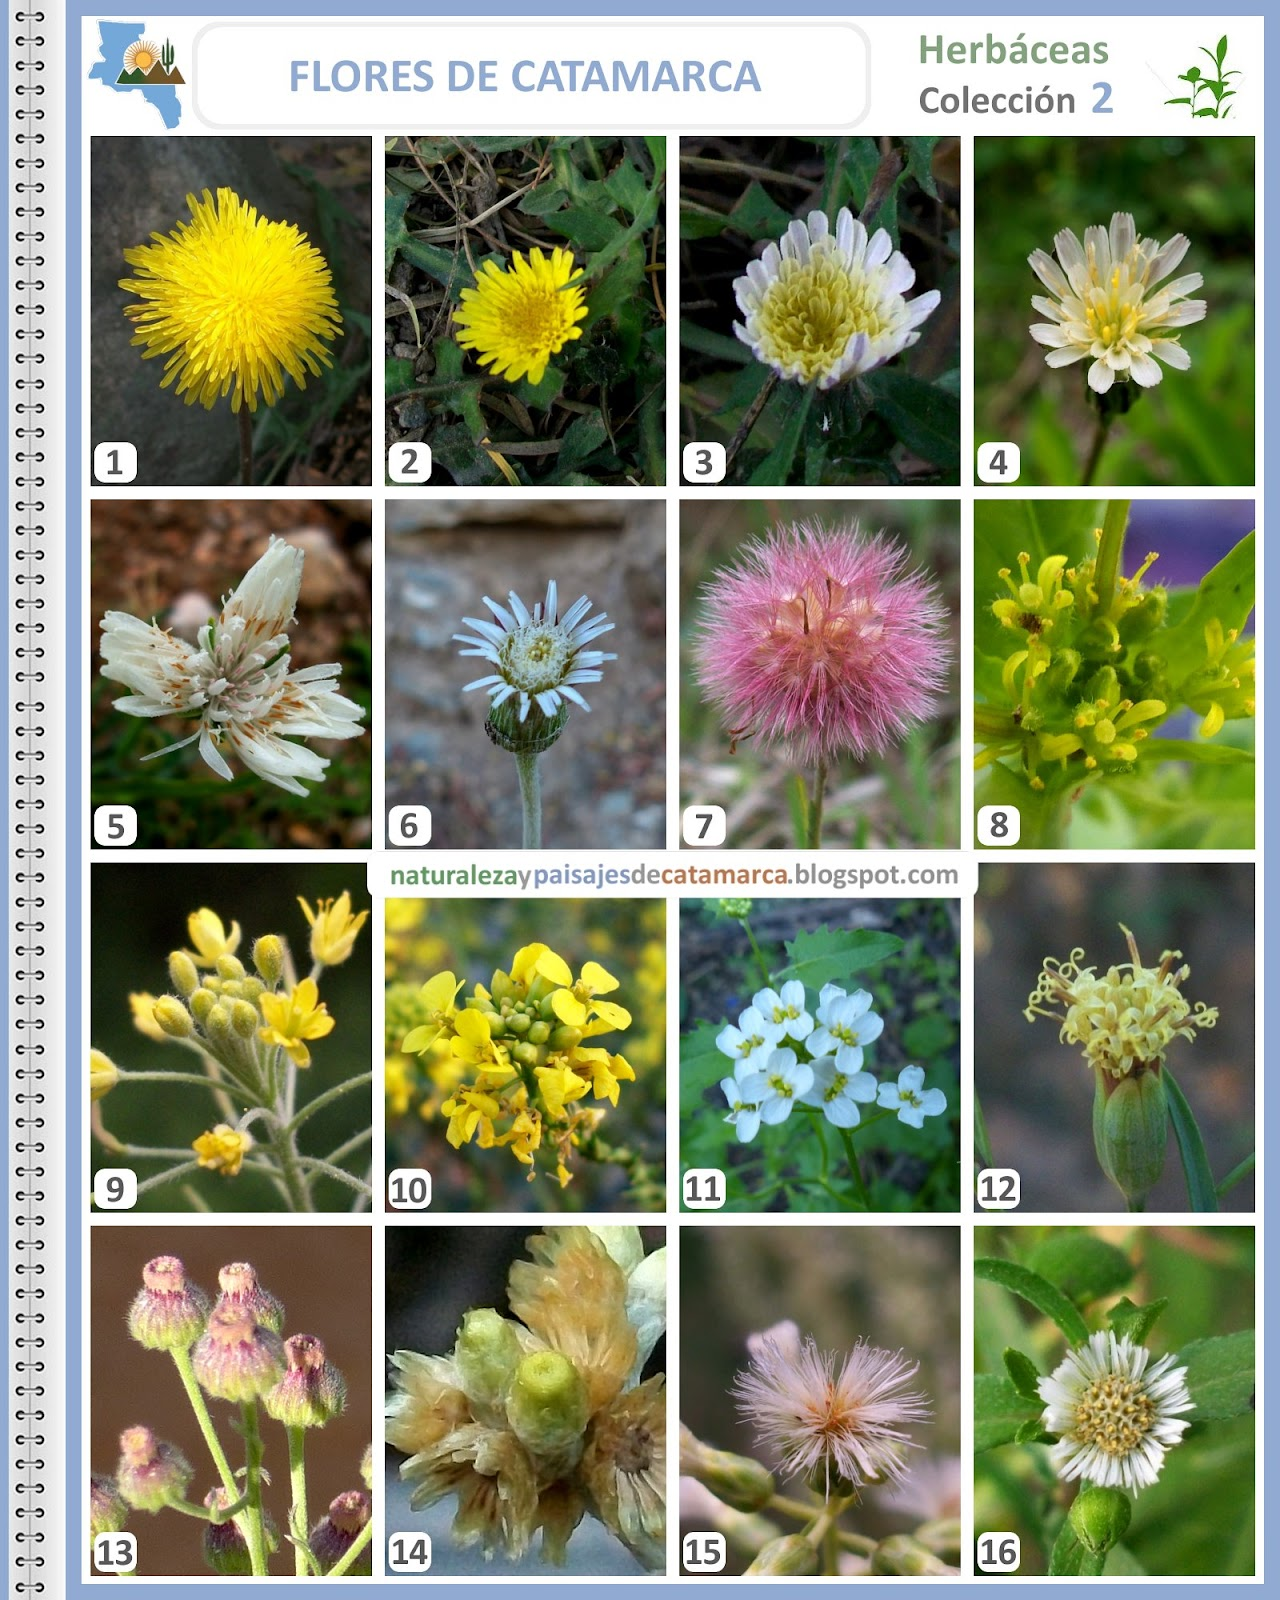 Naturaleza y paisajes de catamarca flores silvestres de for Que son plantas ornamentales ejemplos